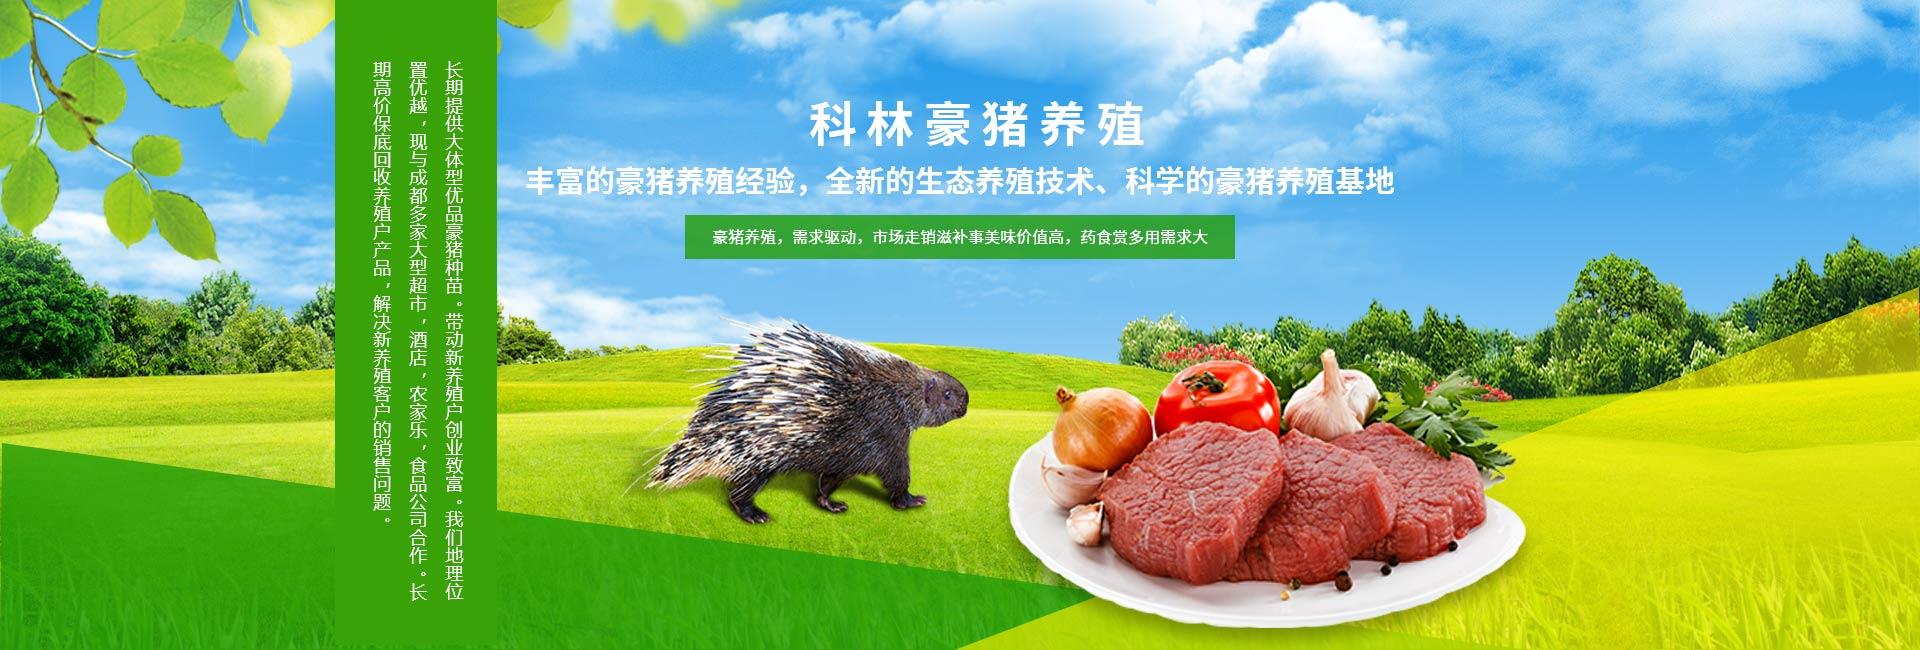 四川豪猪养殖